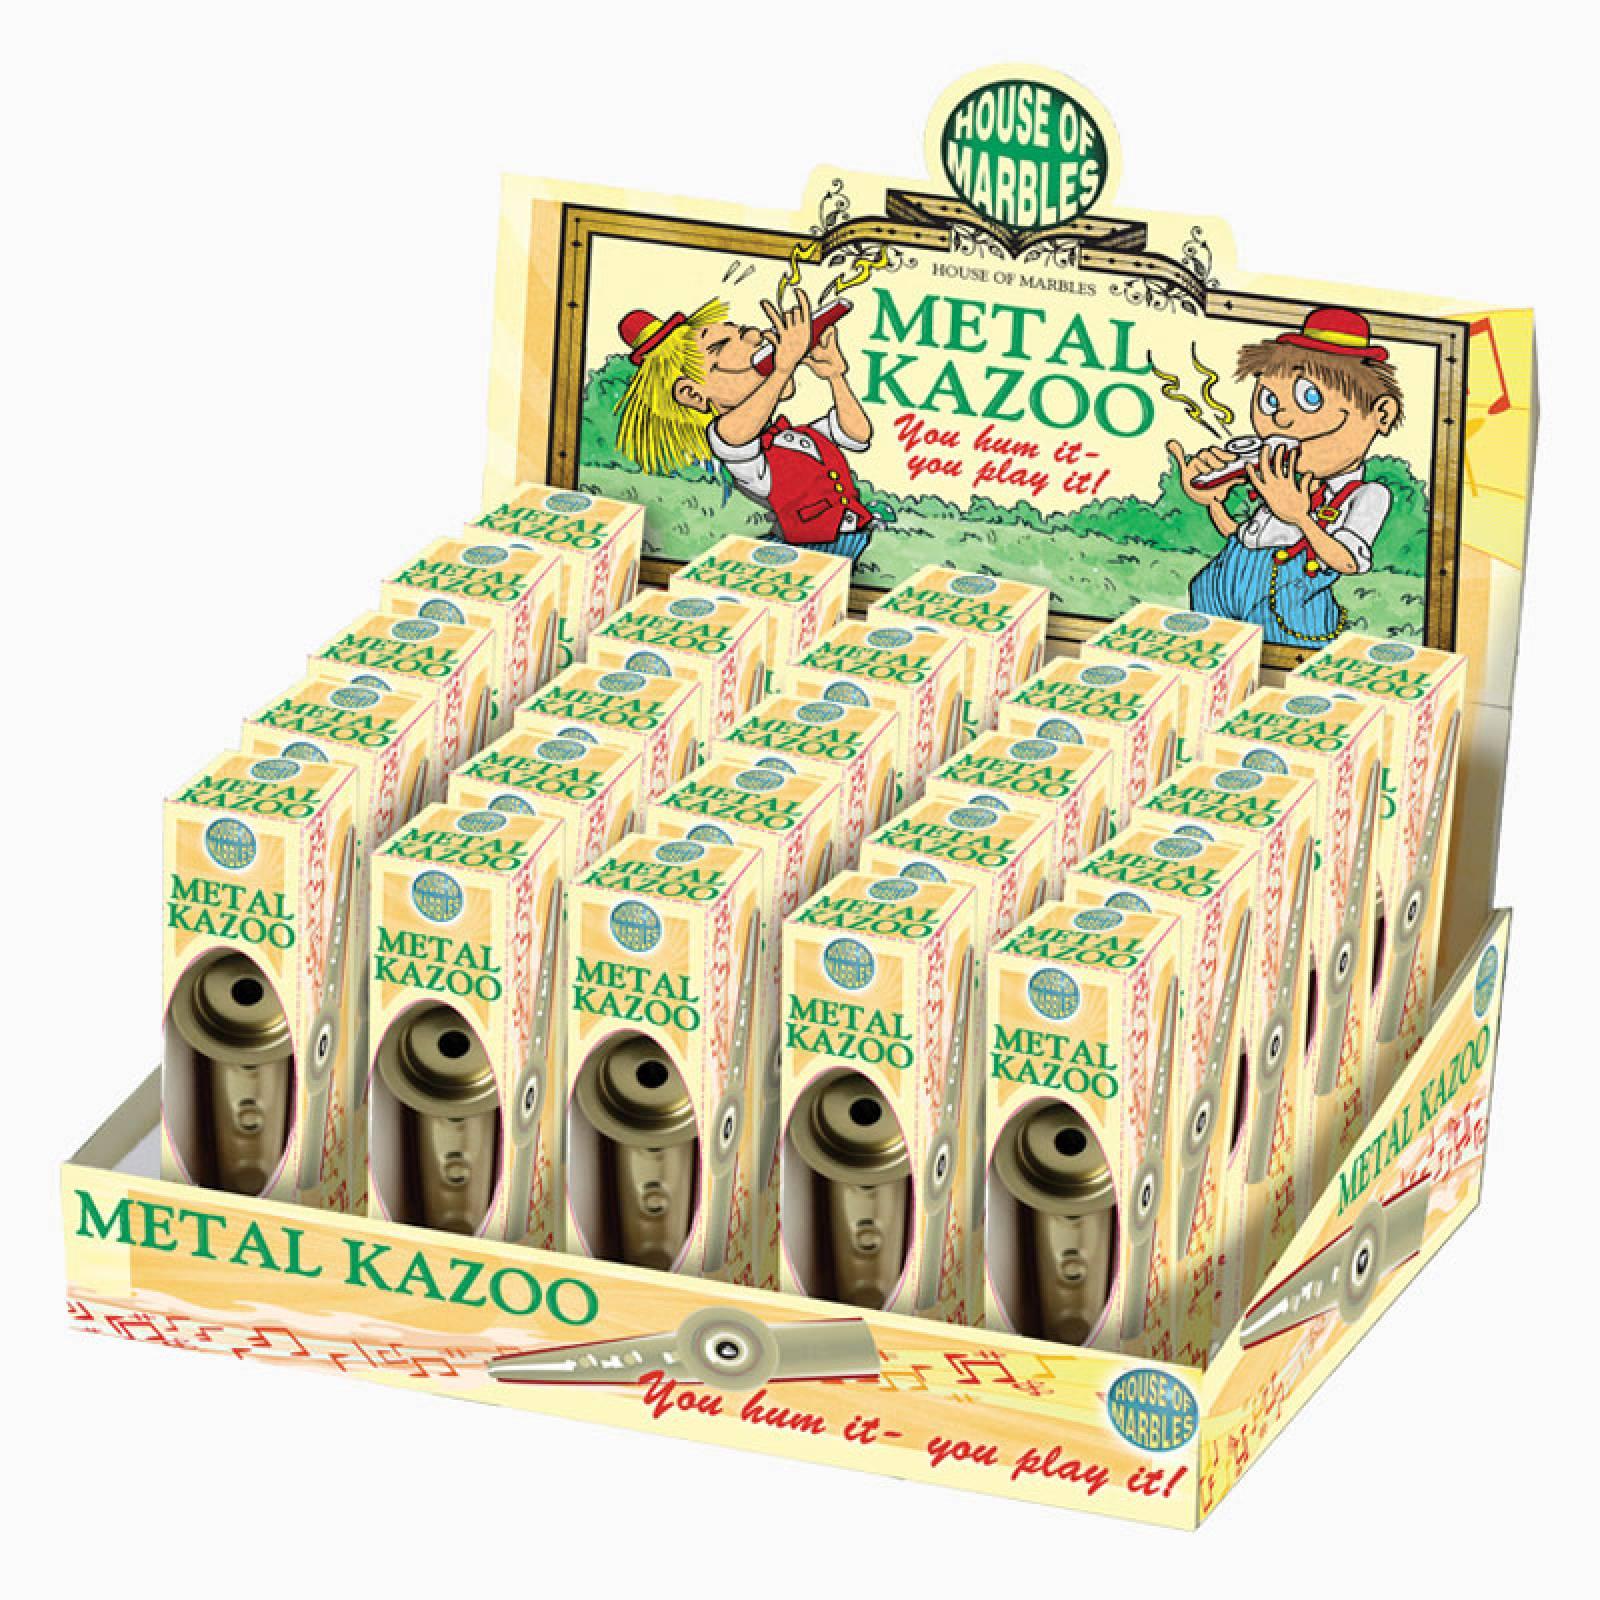 Metal Kazoo thumbnails